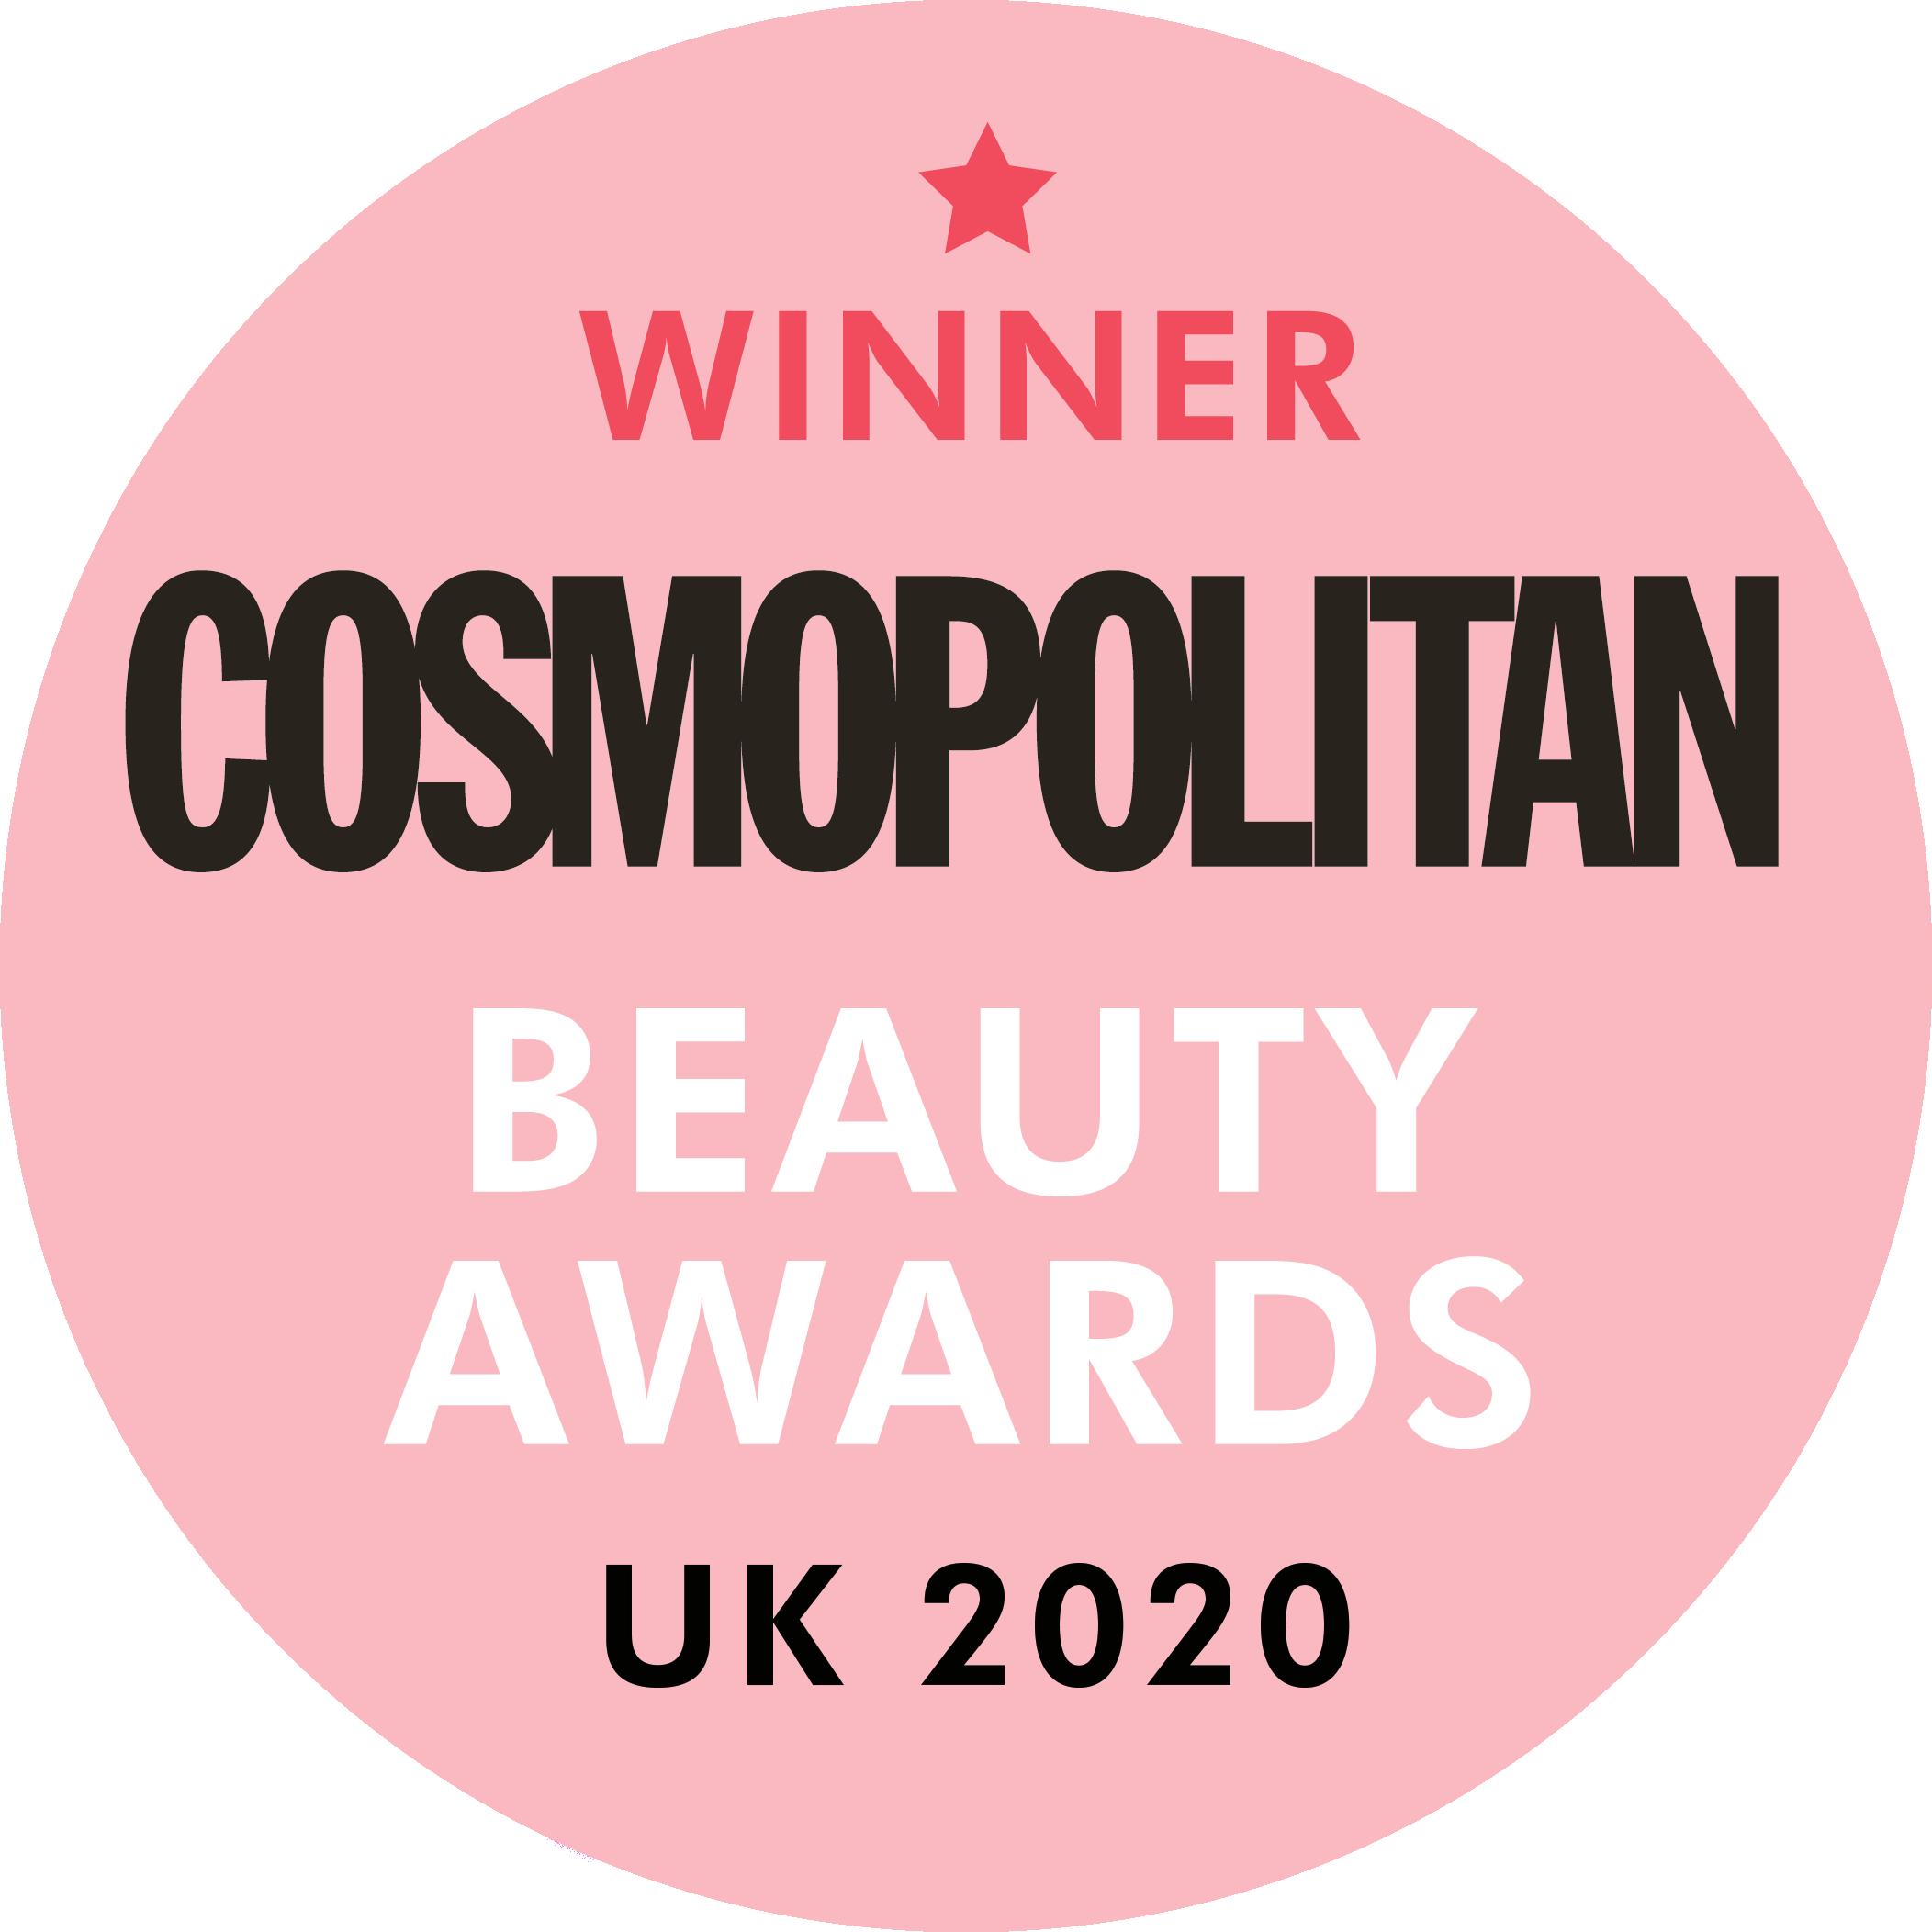 Cosmopolitan Beauty Awards 2020